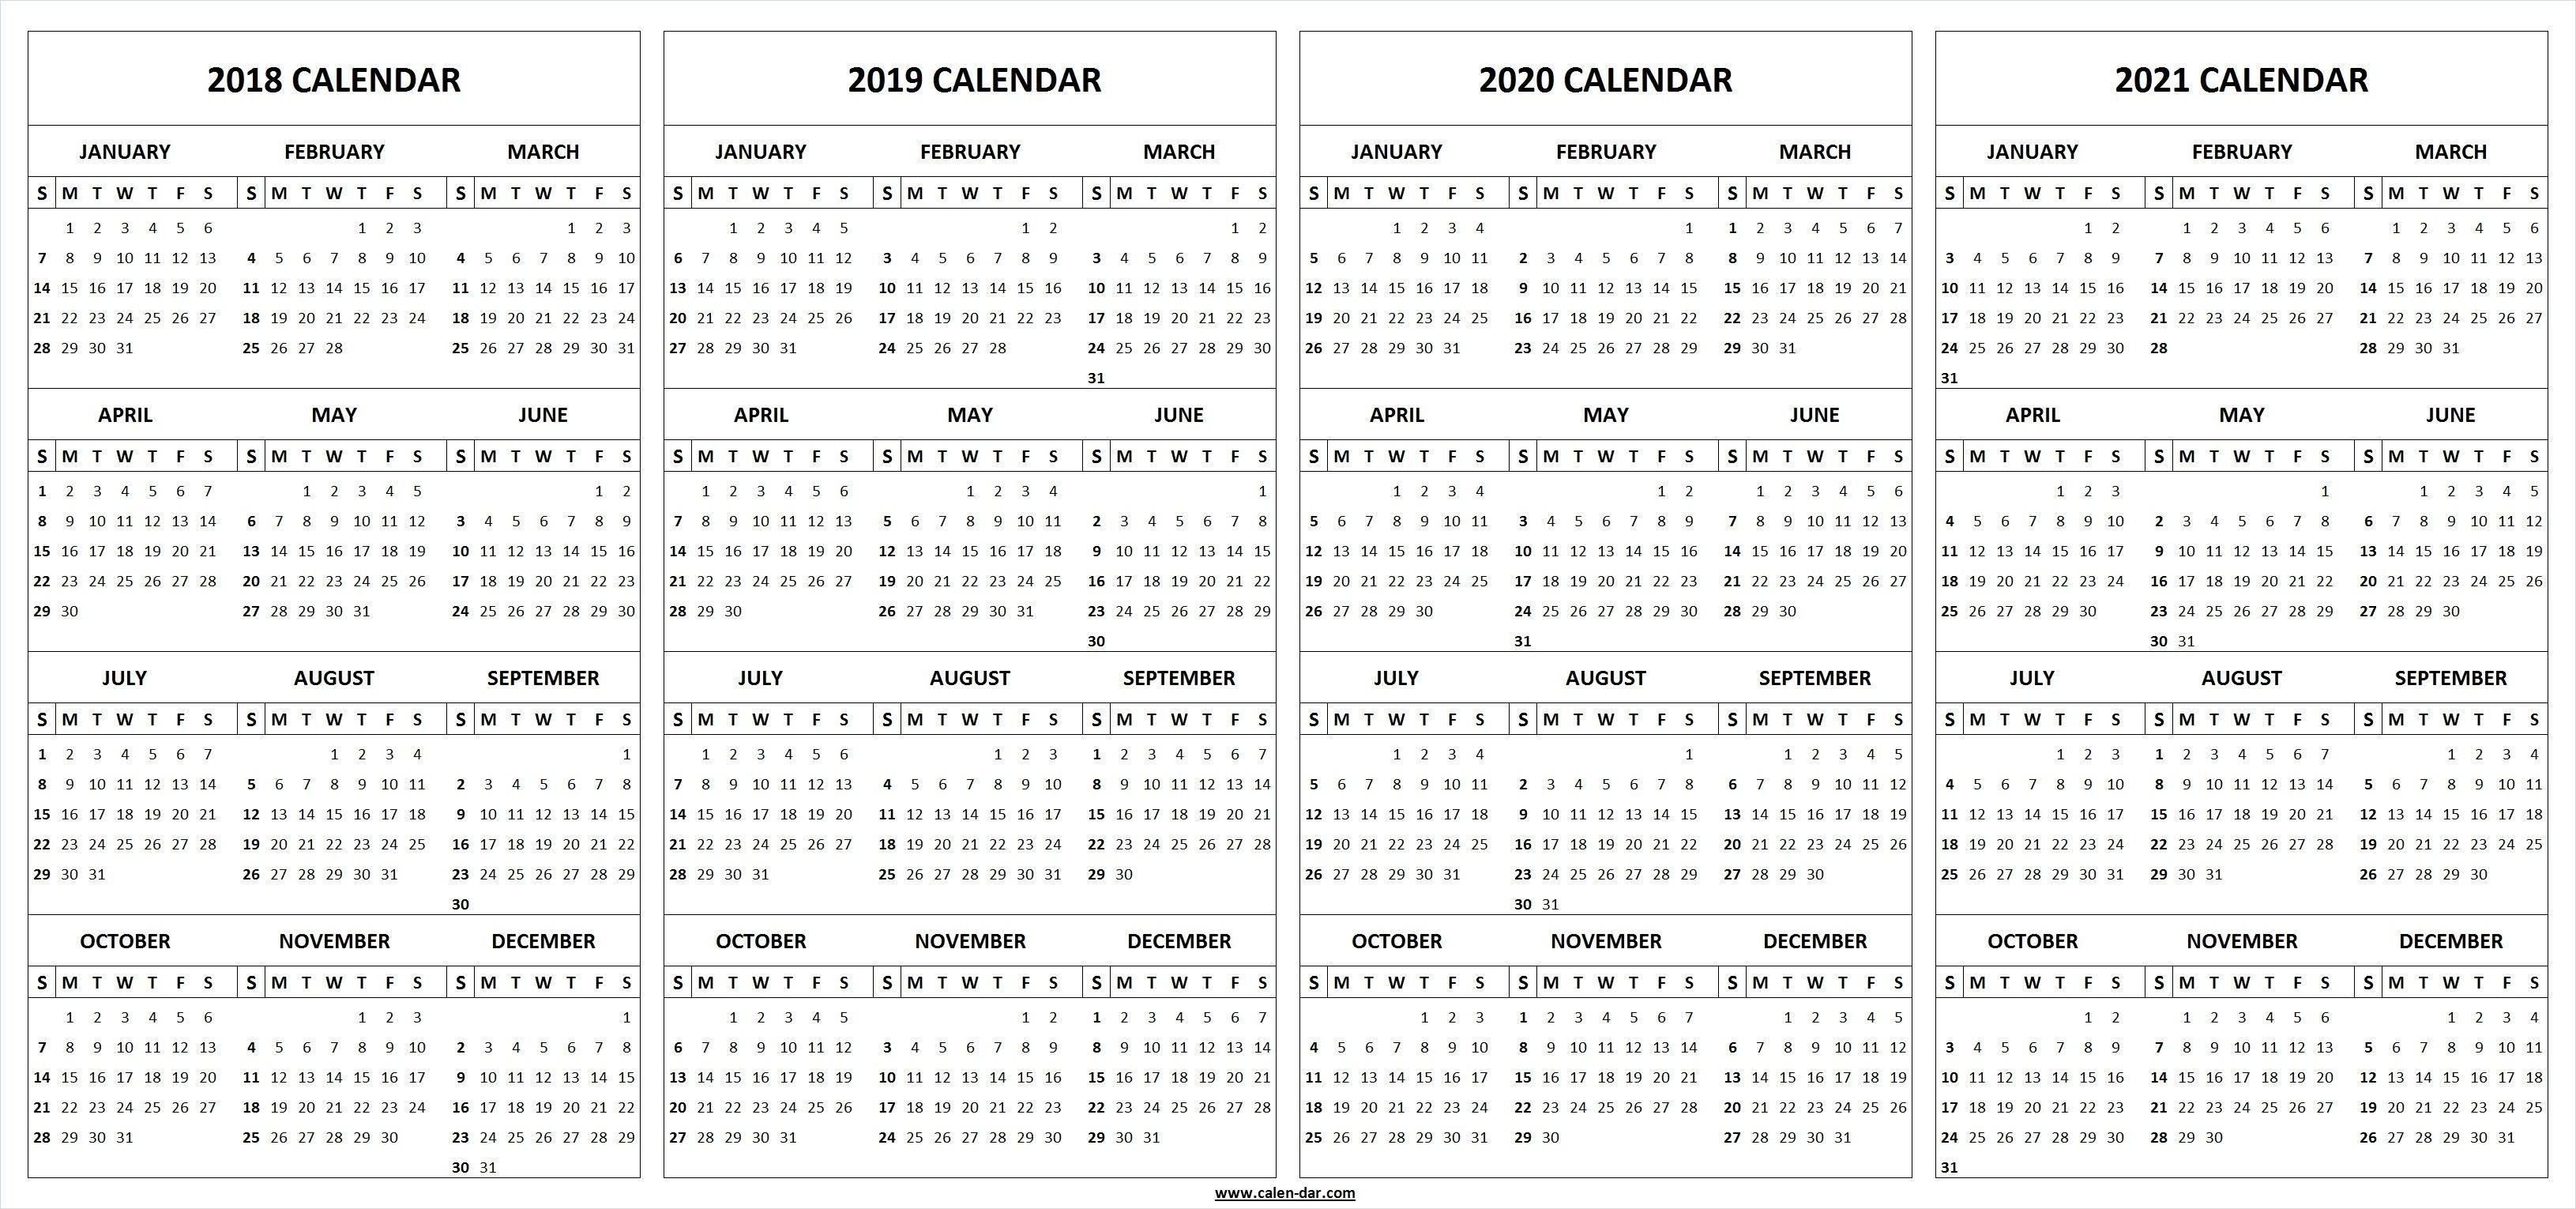 Dashing Printable Calendar For 2019 And 2020 • Printable